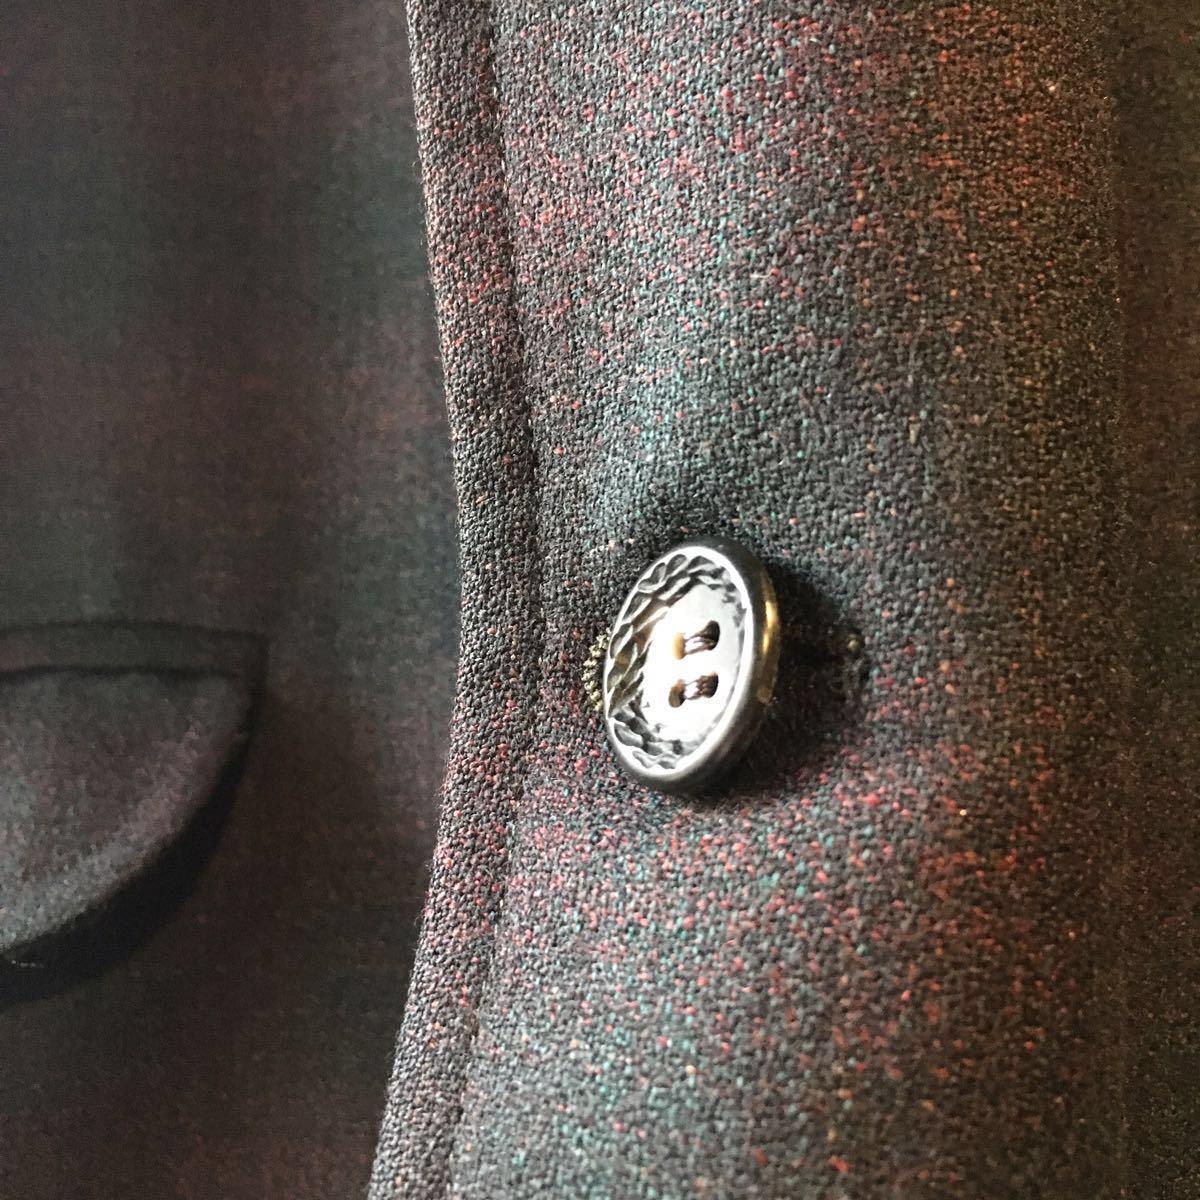 1960's オンブレ ビンテージ テーラードジャケット HAMPTON HEATH シャドーチェック モッズ アイビー UK 黒 ブラック 50s 70s_画像2